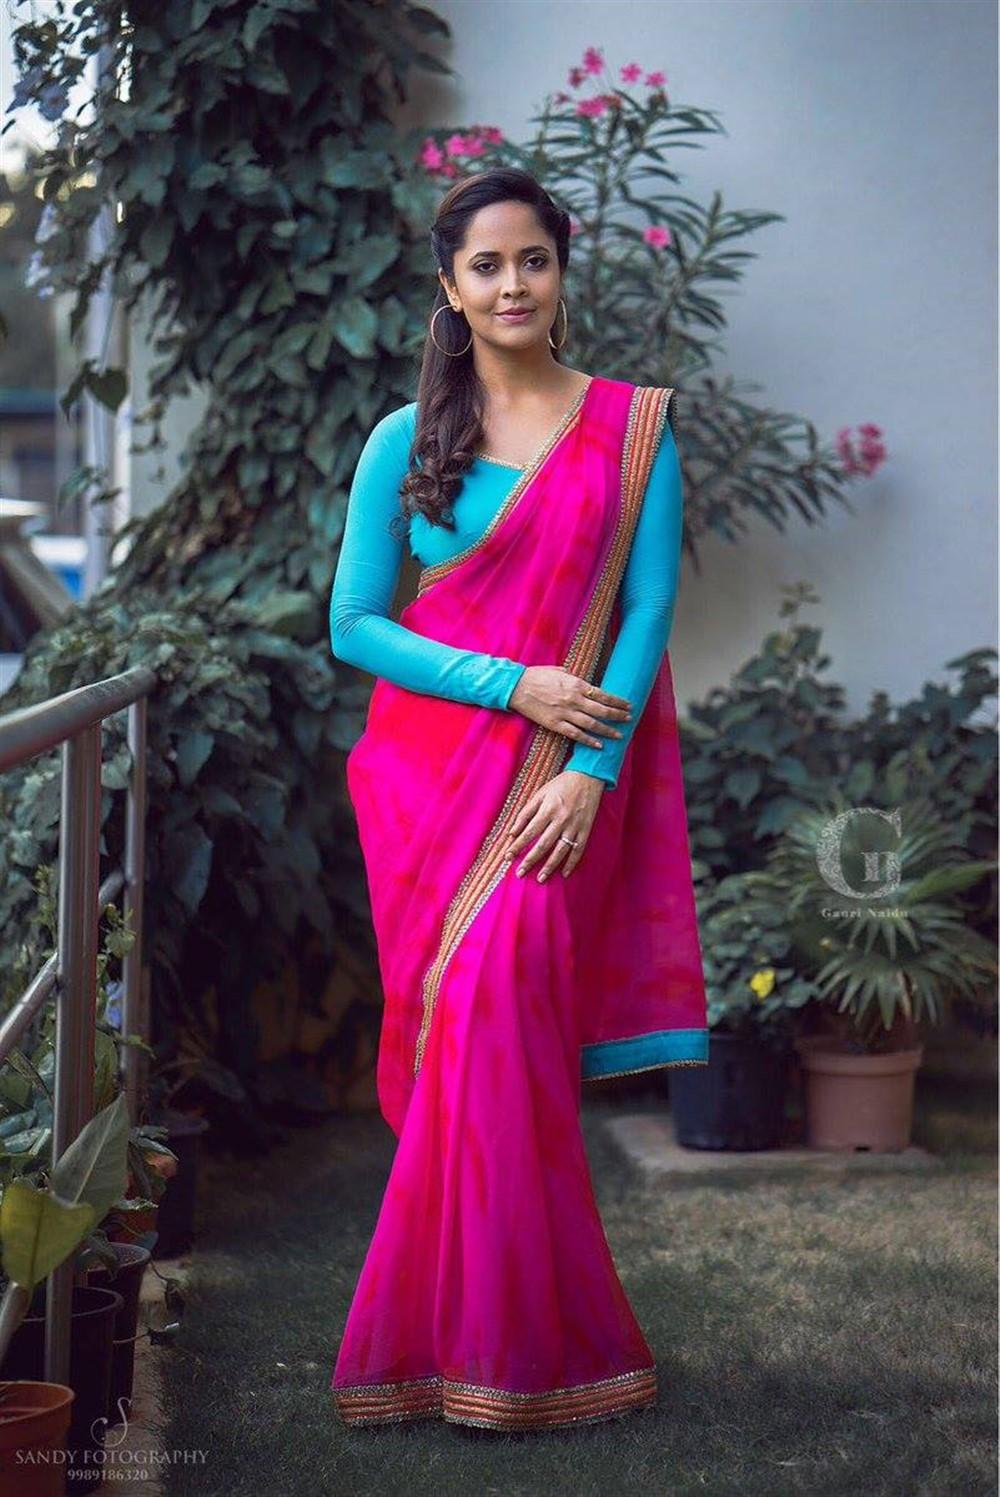 Anasuya Bharadwaj New Photoshoot Images